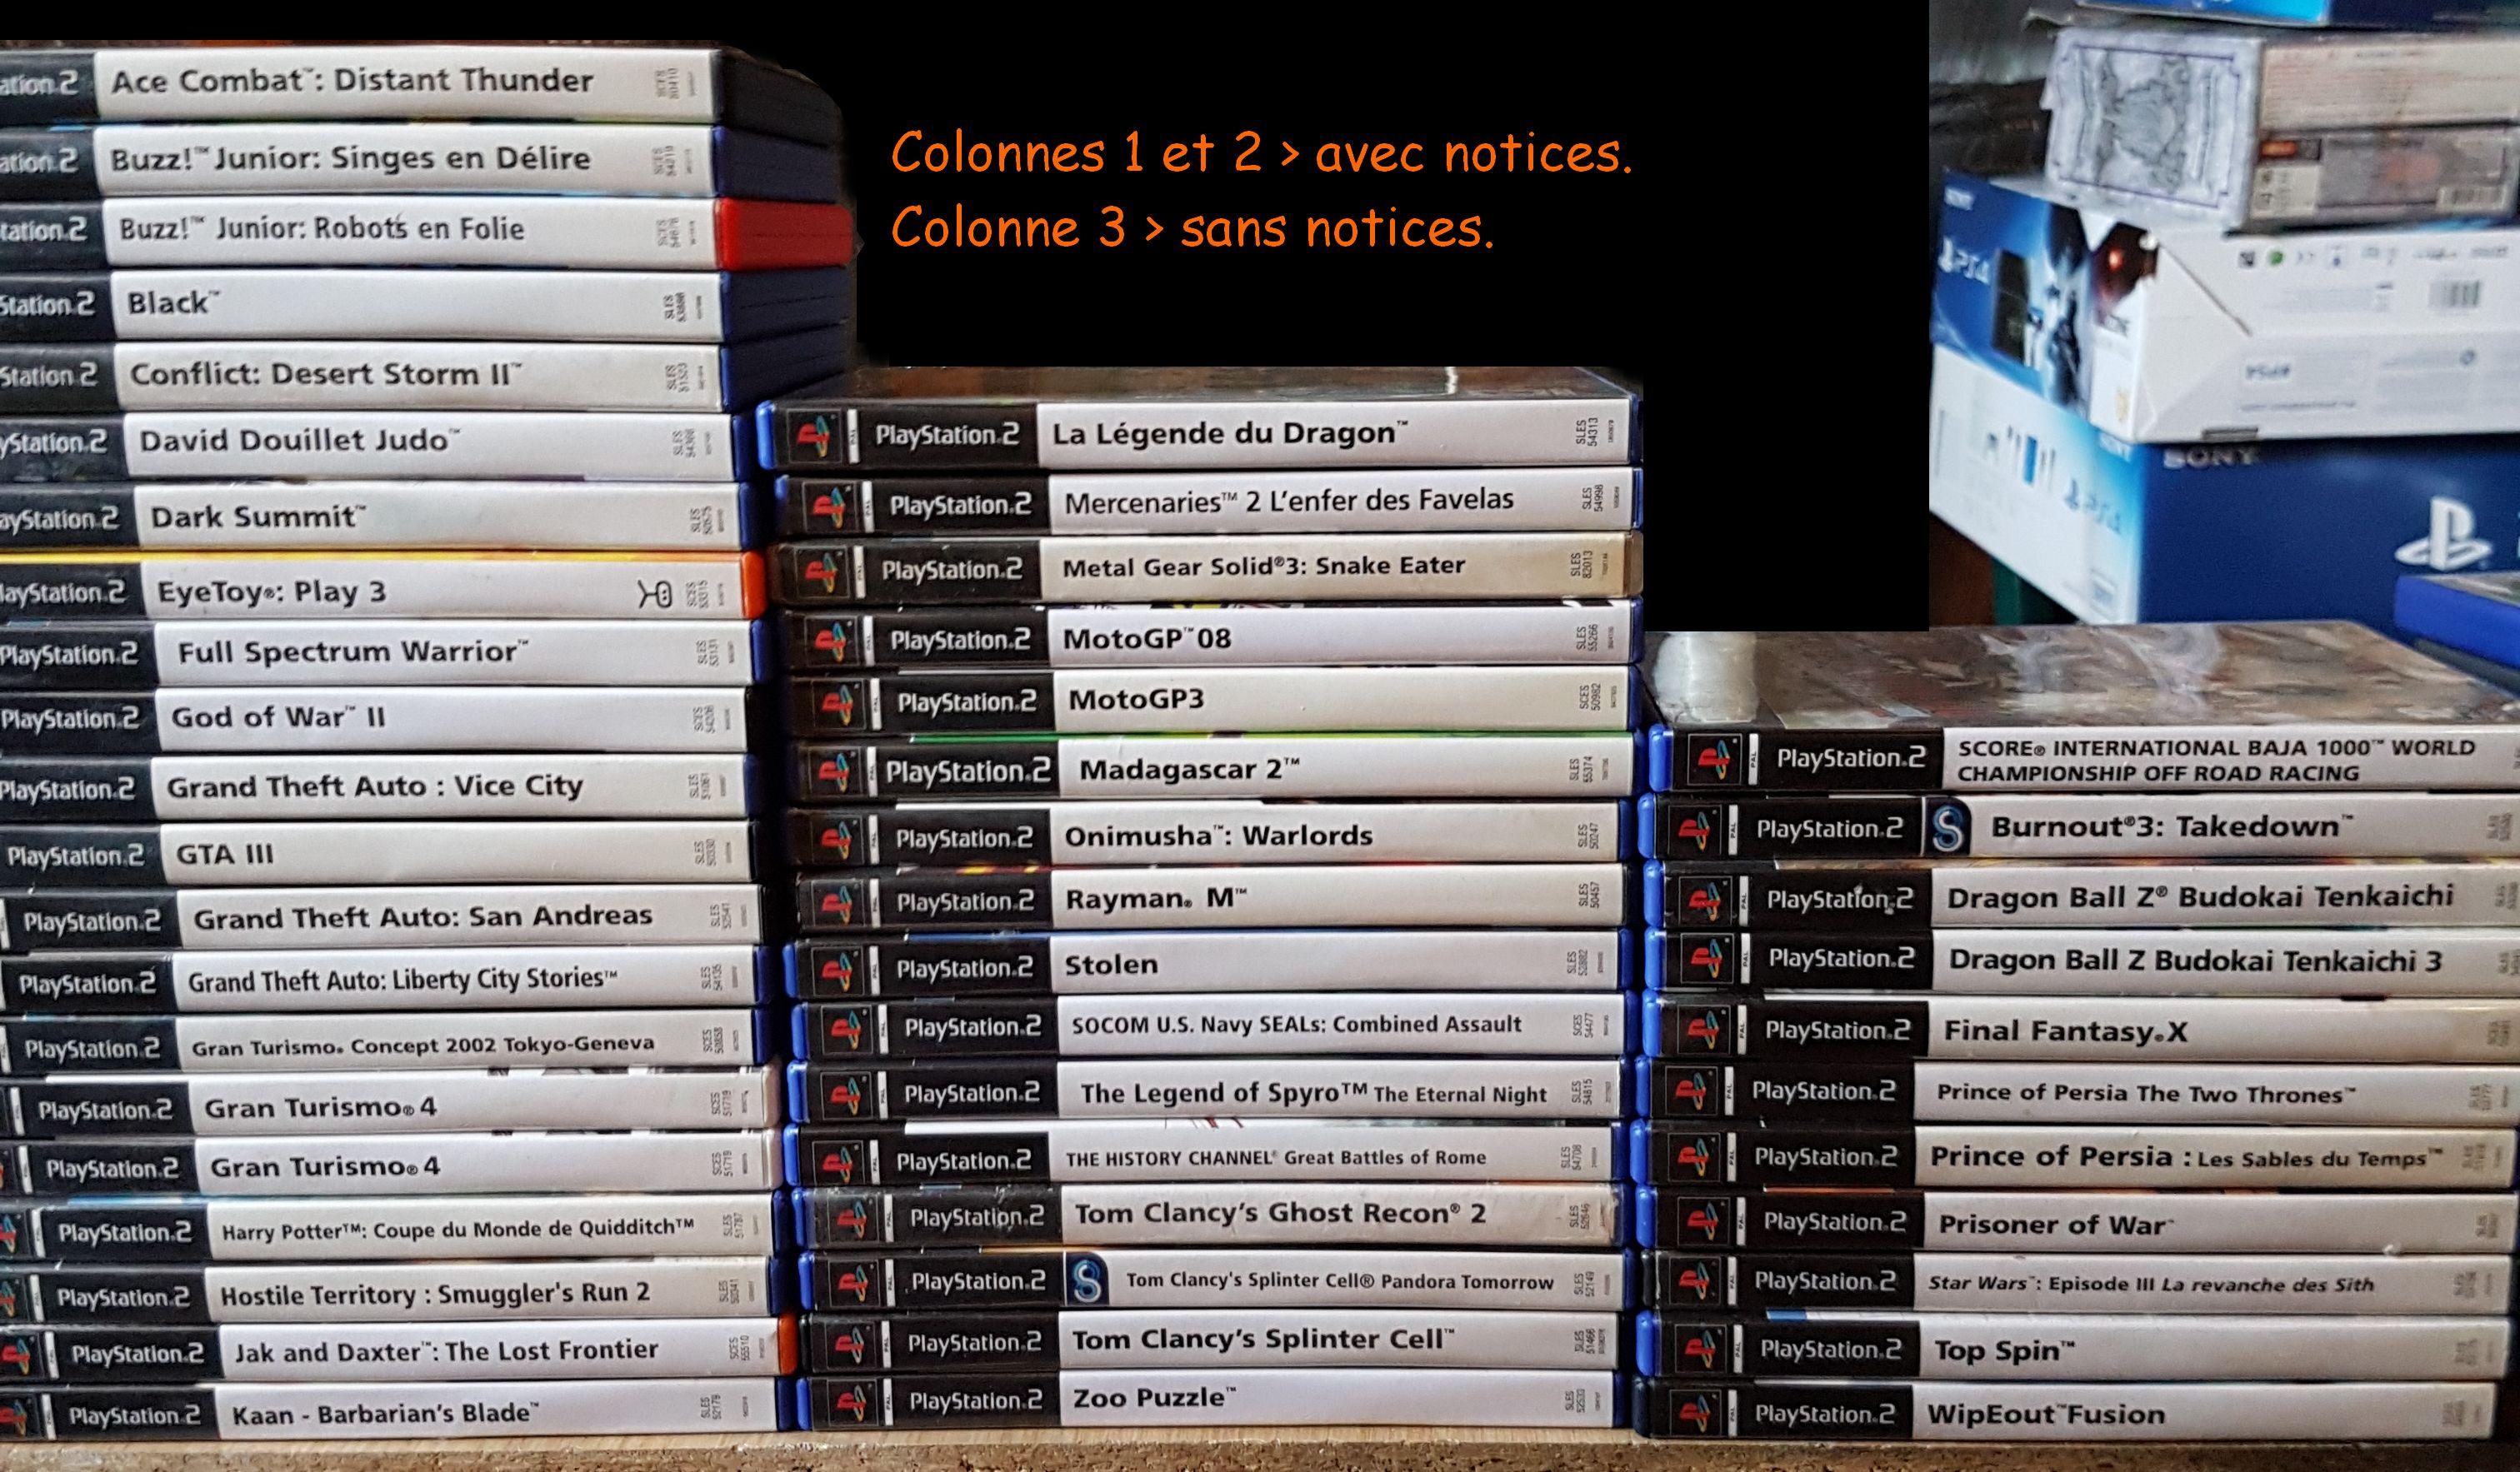 [RECH] mes recherches GameCube / PS1 / PS2 / PS3 - Videopac  - Page 3 703728JeuxPS2MB